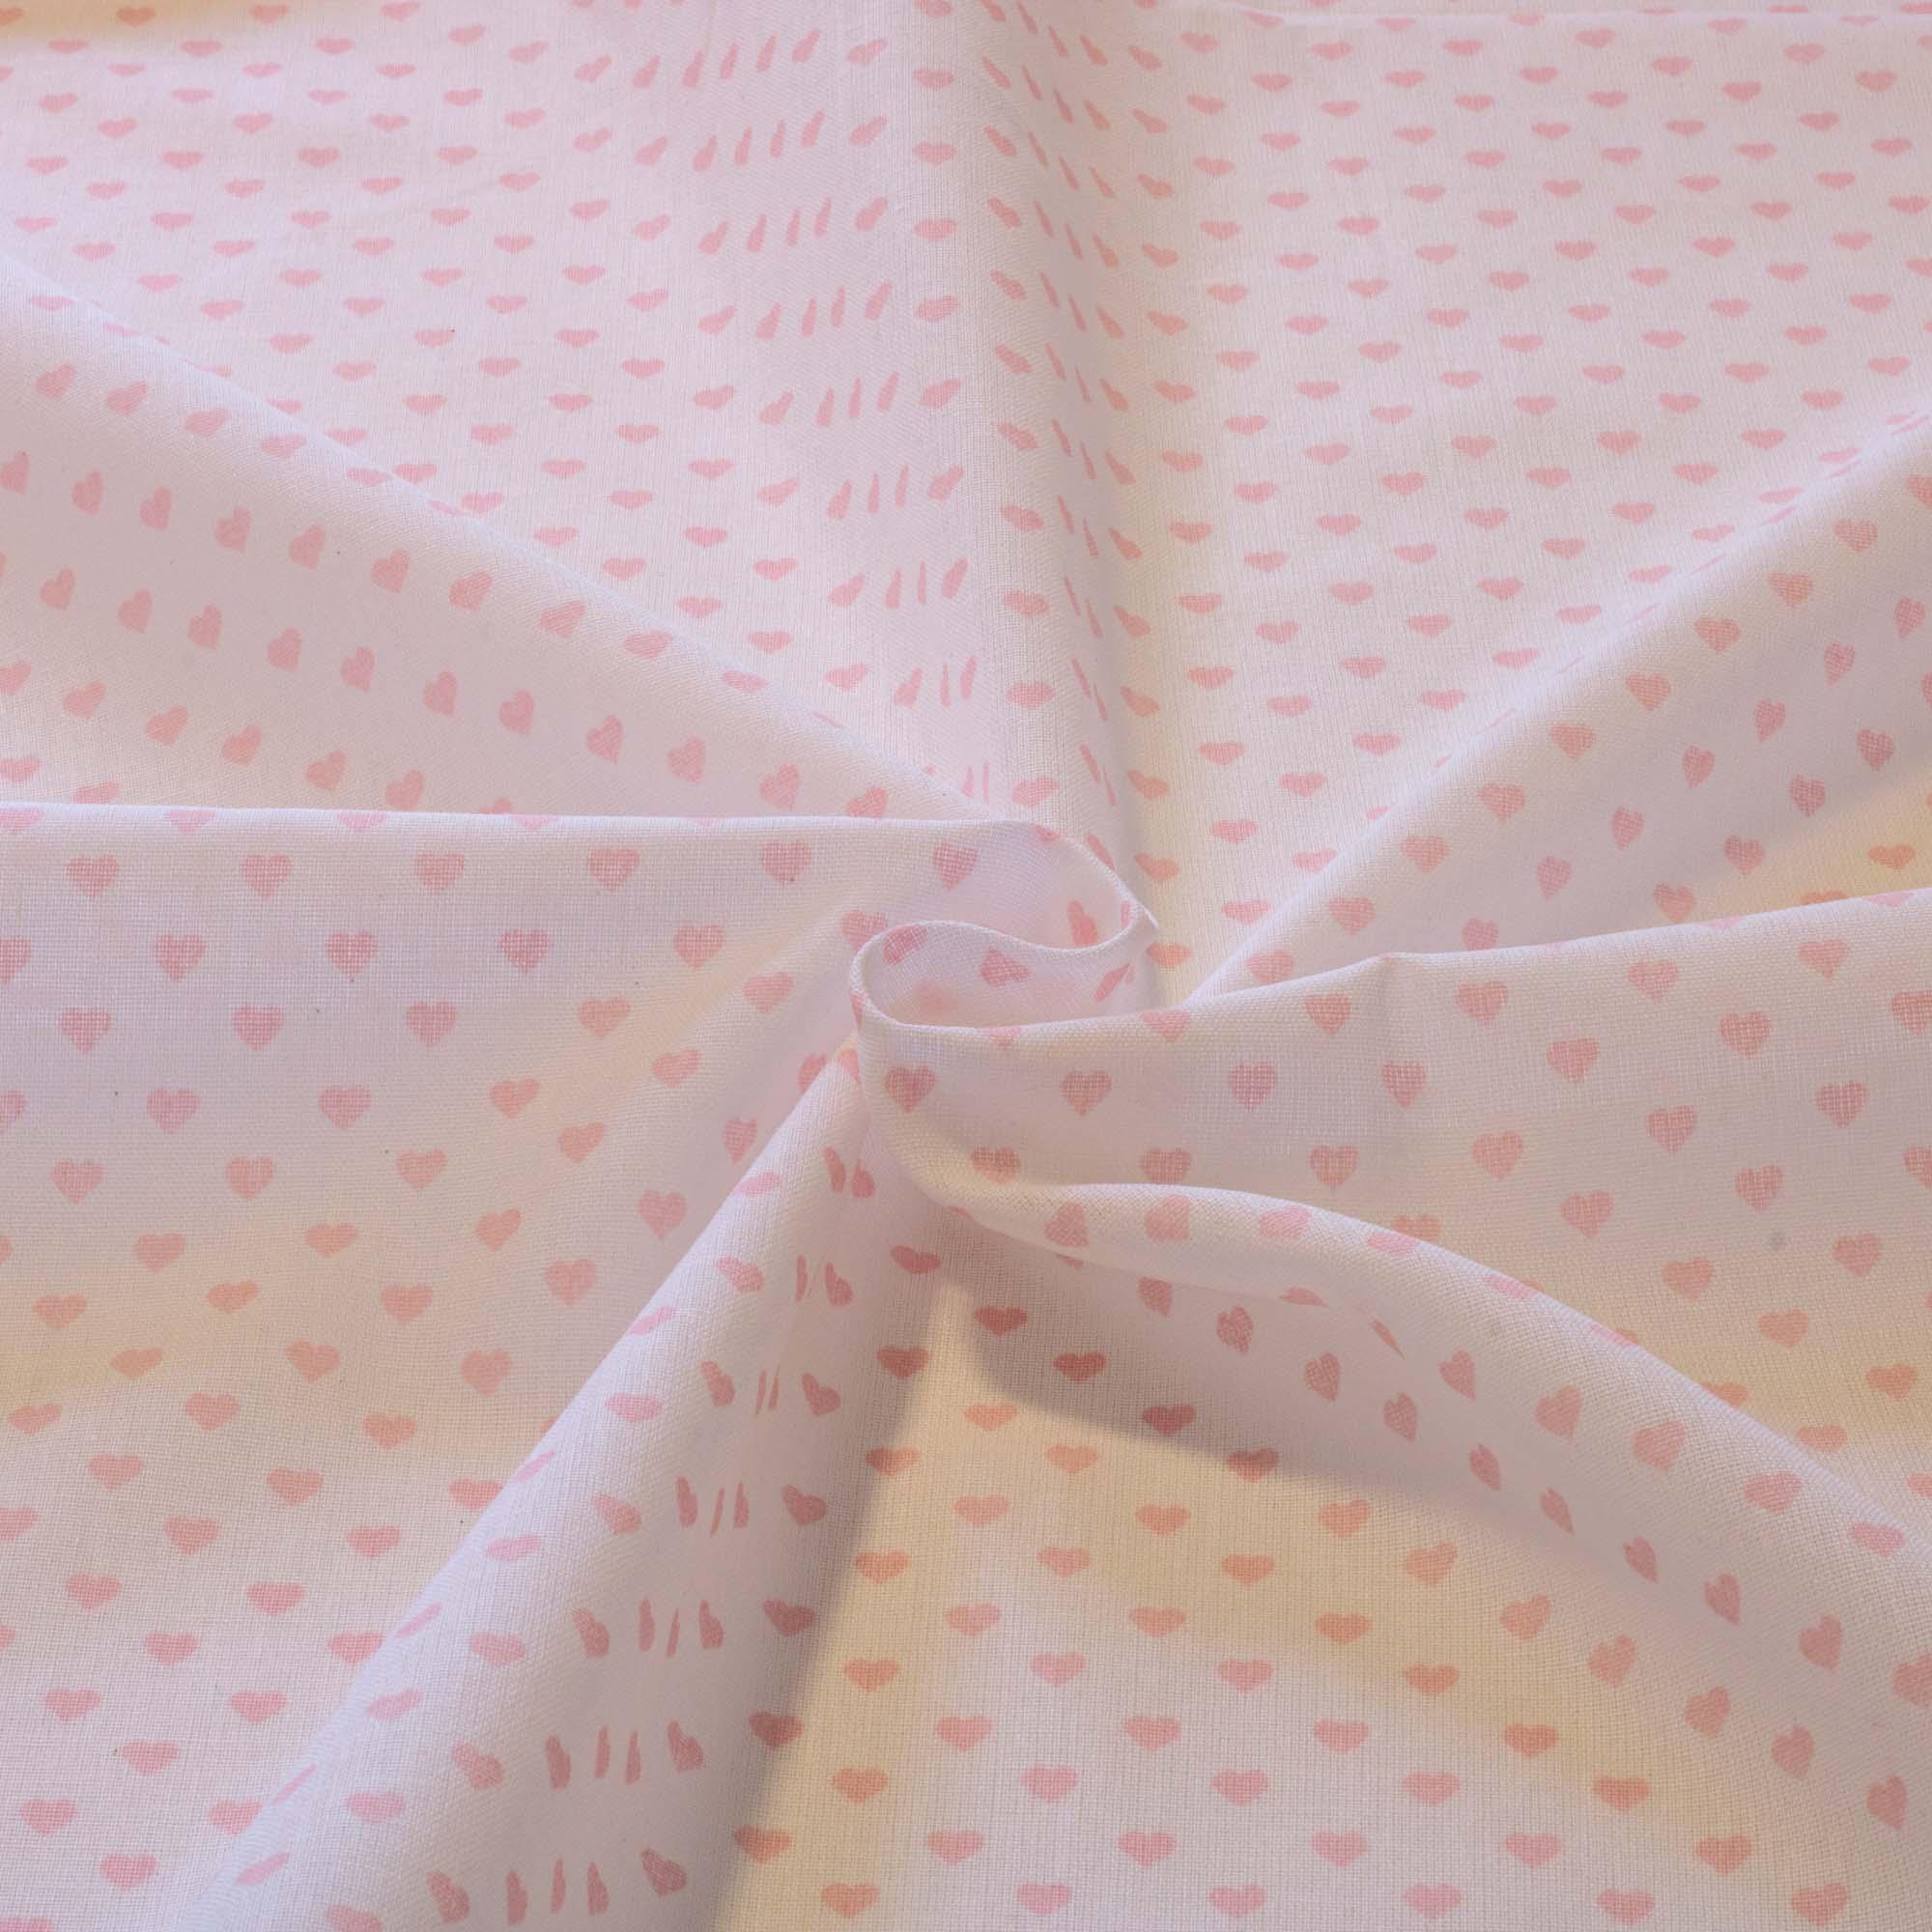 Tecido tricoline estampado coração rosa fundo branco 1,40 m largura